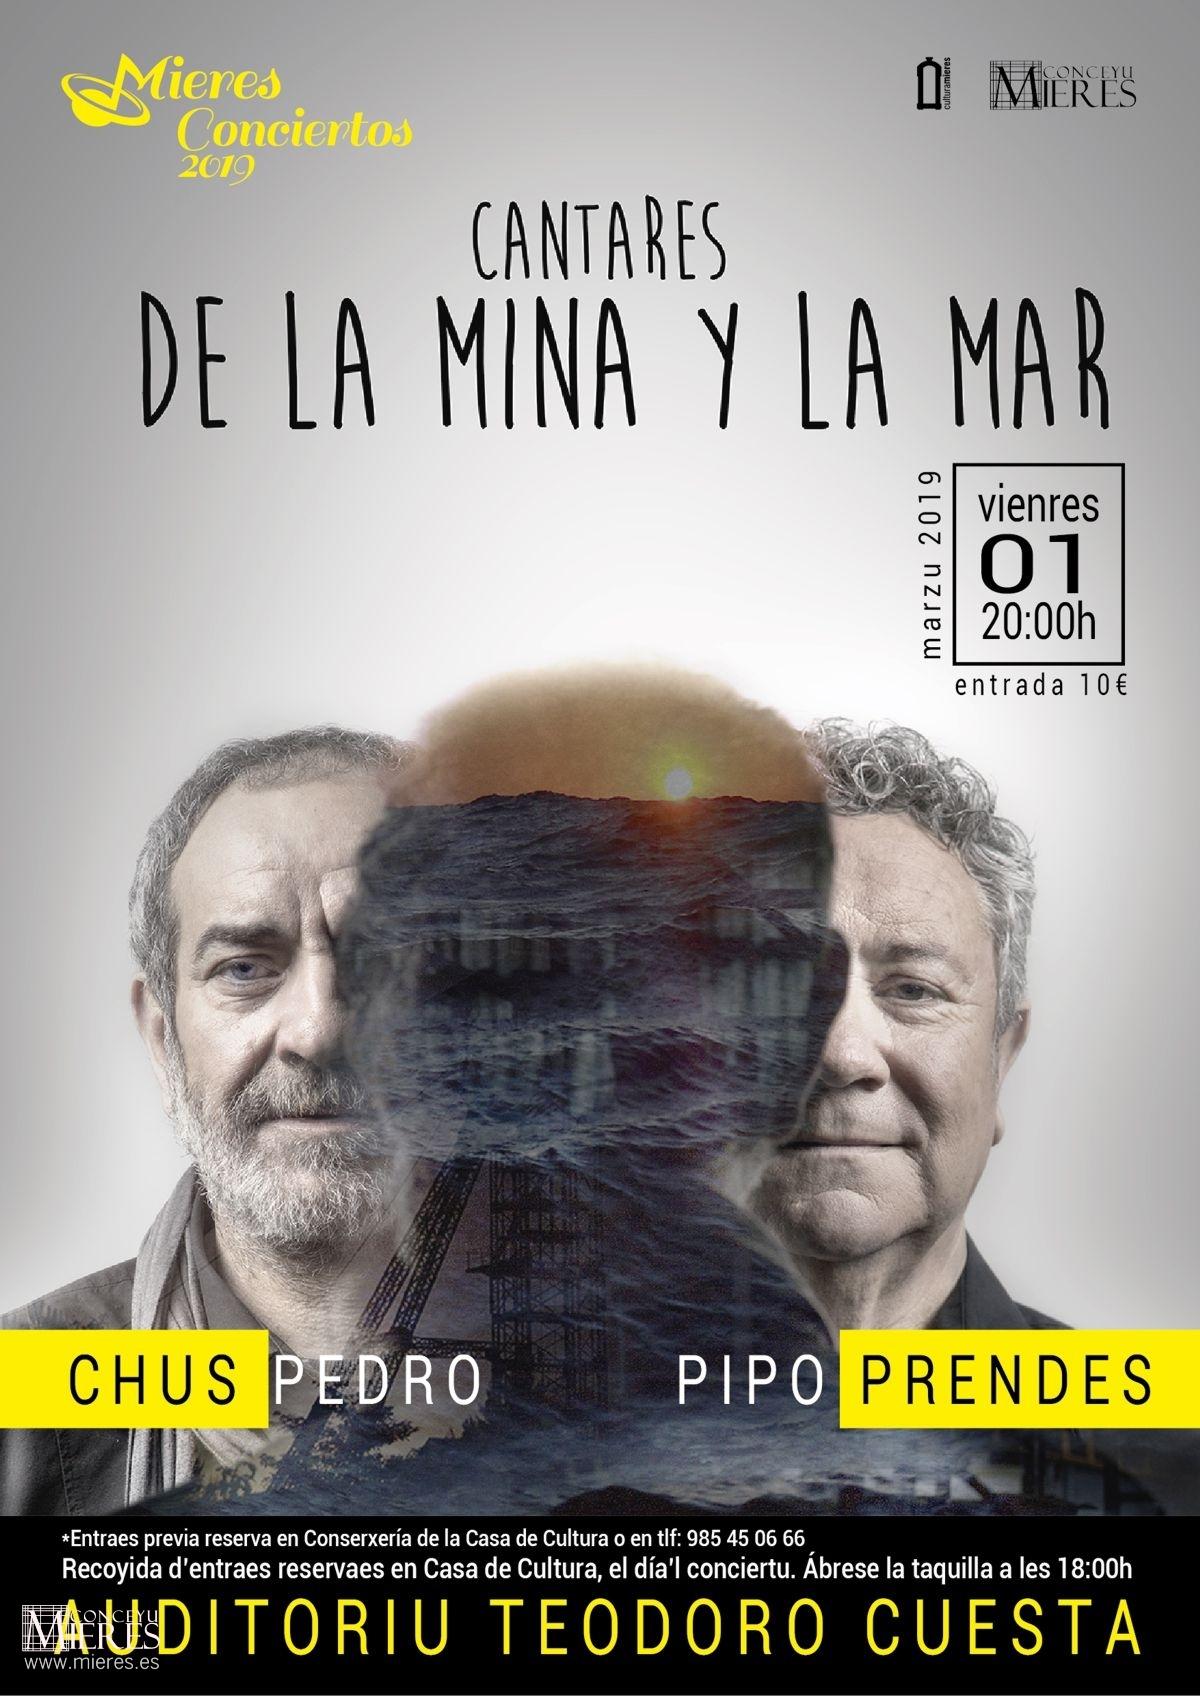 Cartel Web Cantares Mina Mar Chuspedro Prendes